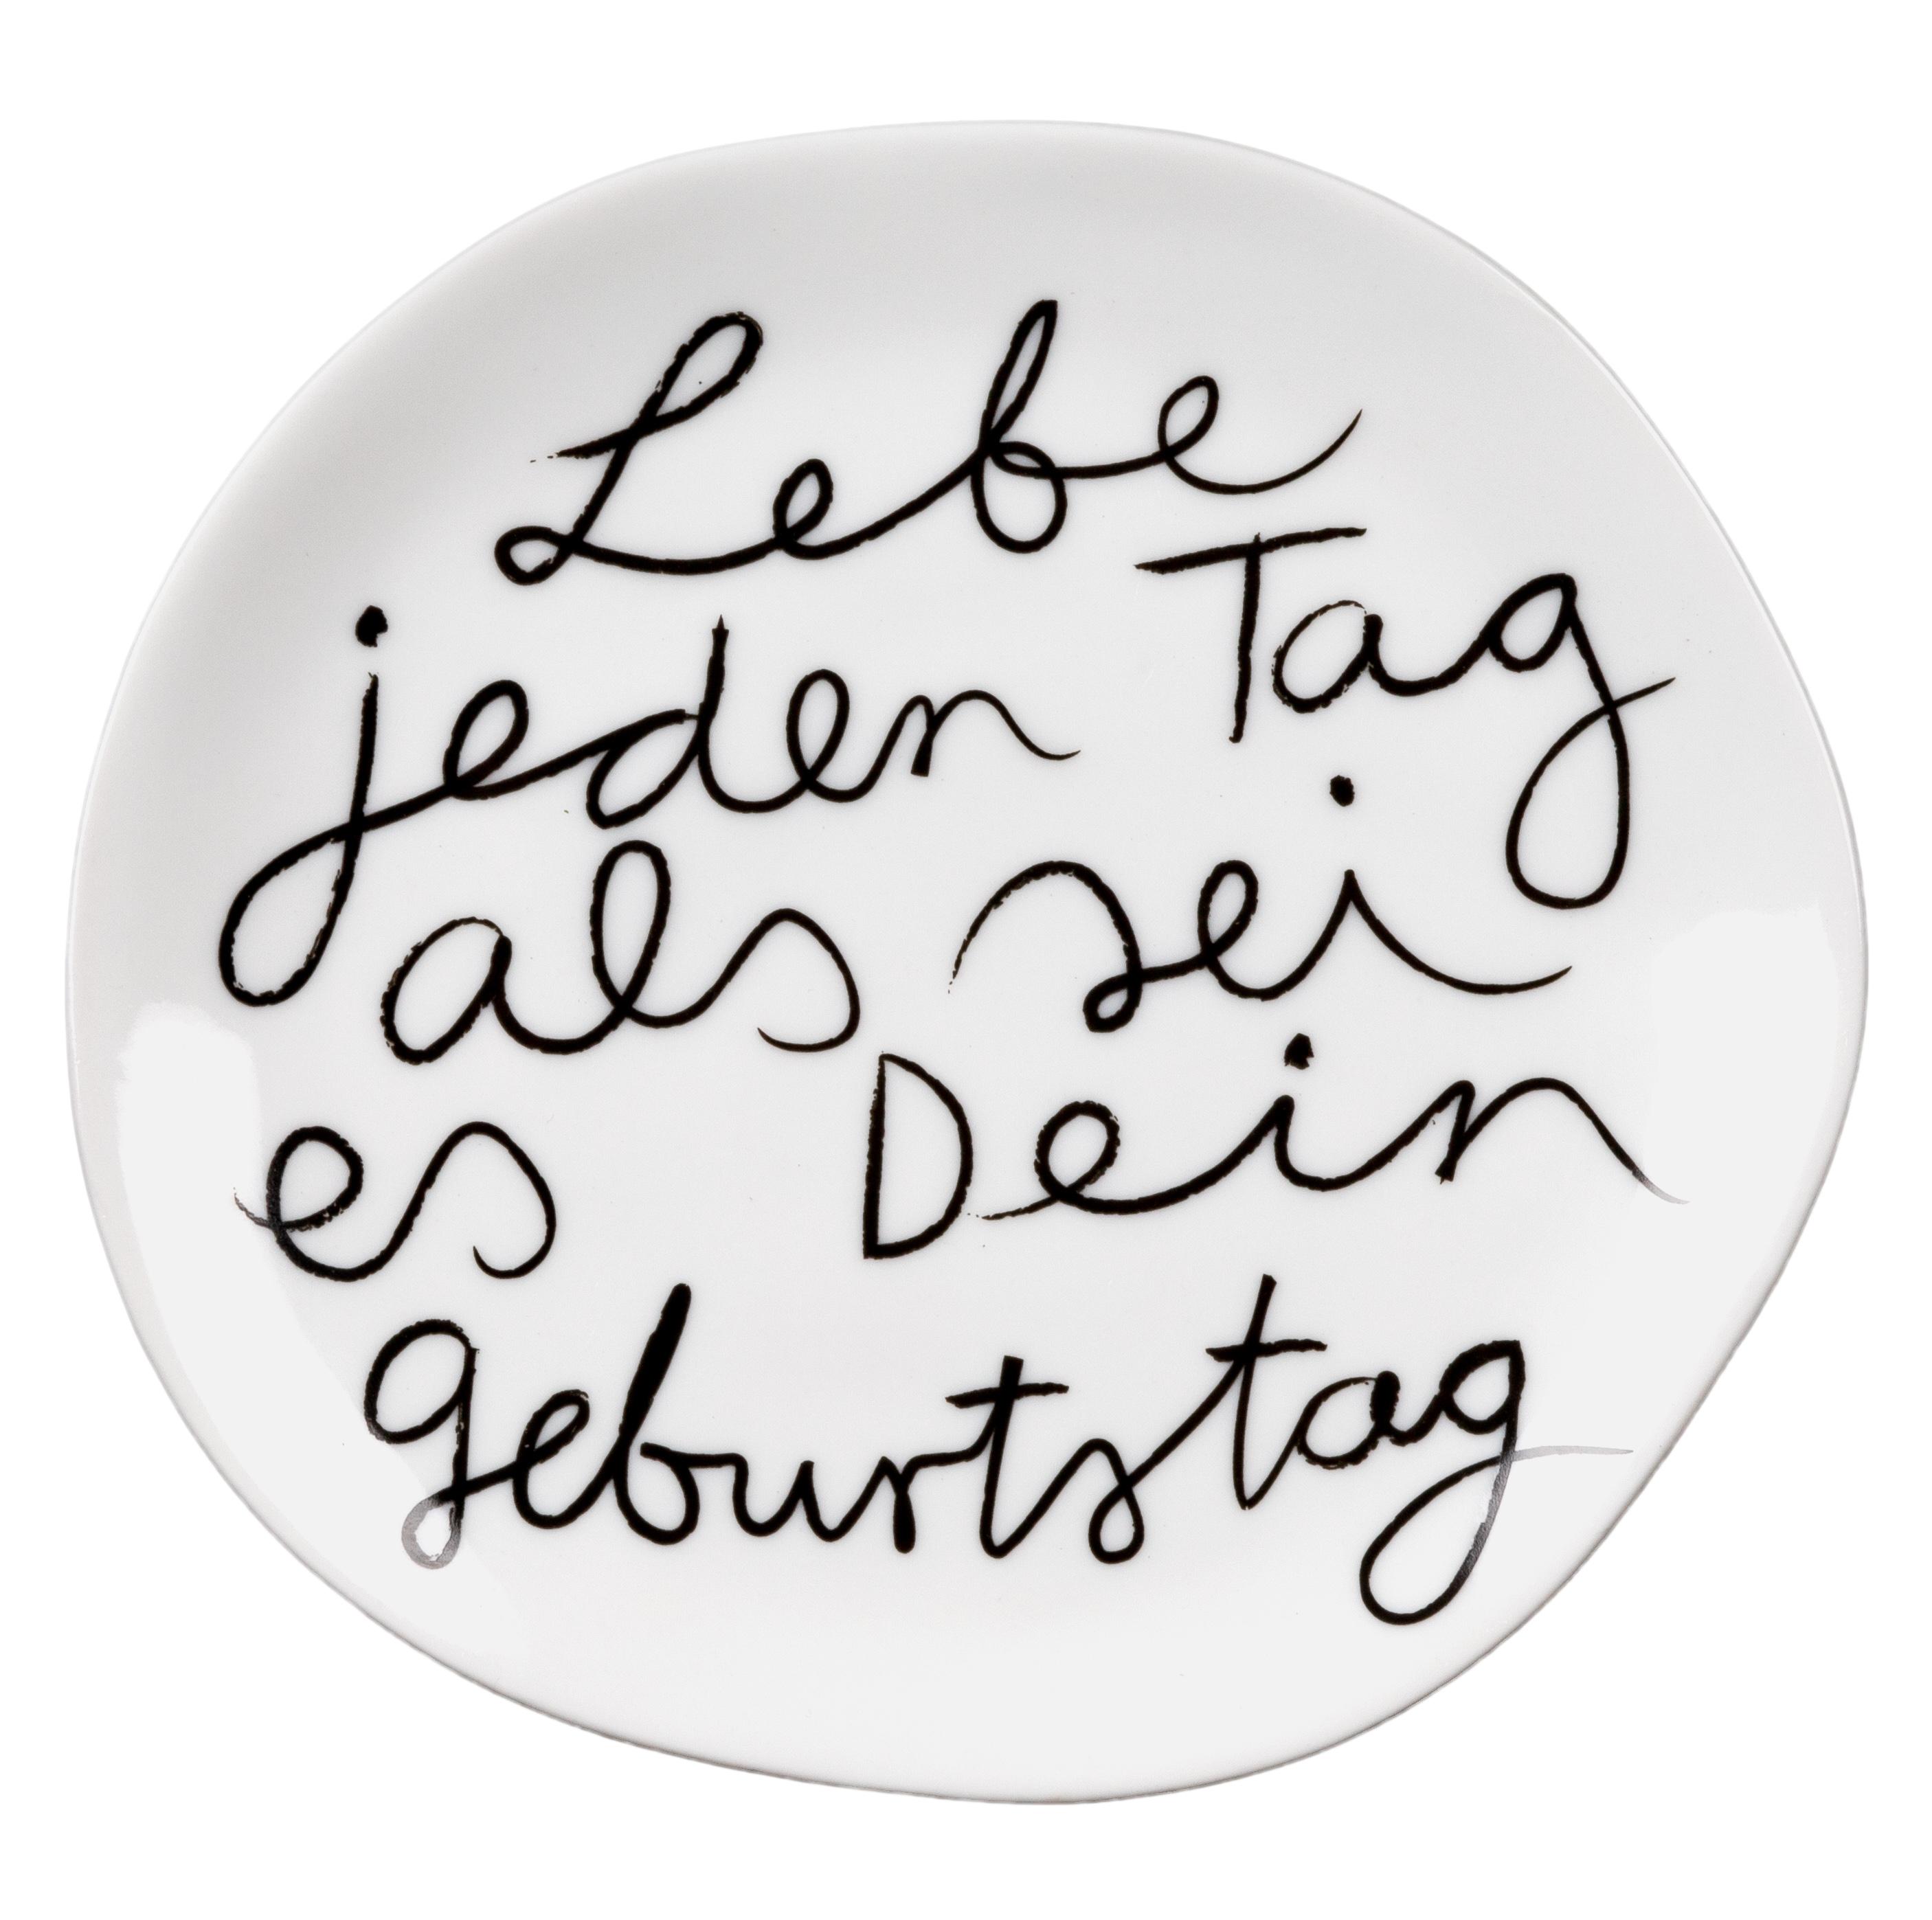 - Mix Match Teller Lebe jeden Tag als sei es dein Geburtstag 134cm räder - Onlineshop Tante Emmer